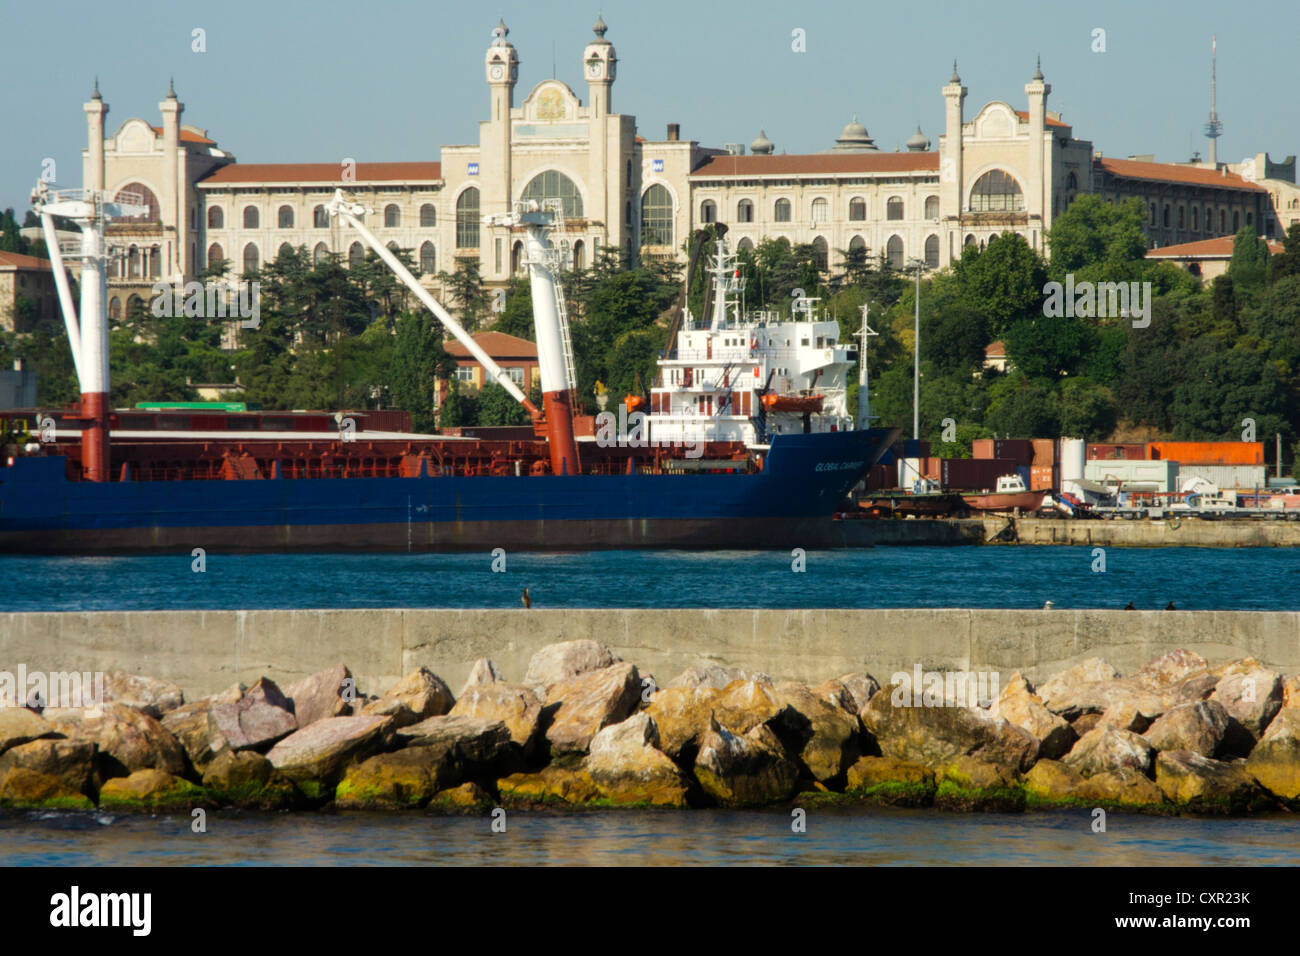 Türkei, Istanbul, Üsküdar, Marmara Universität - Stock Image